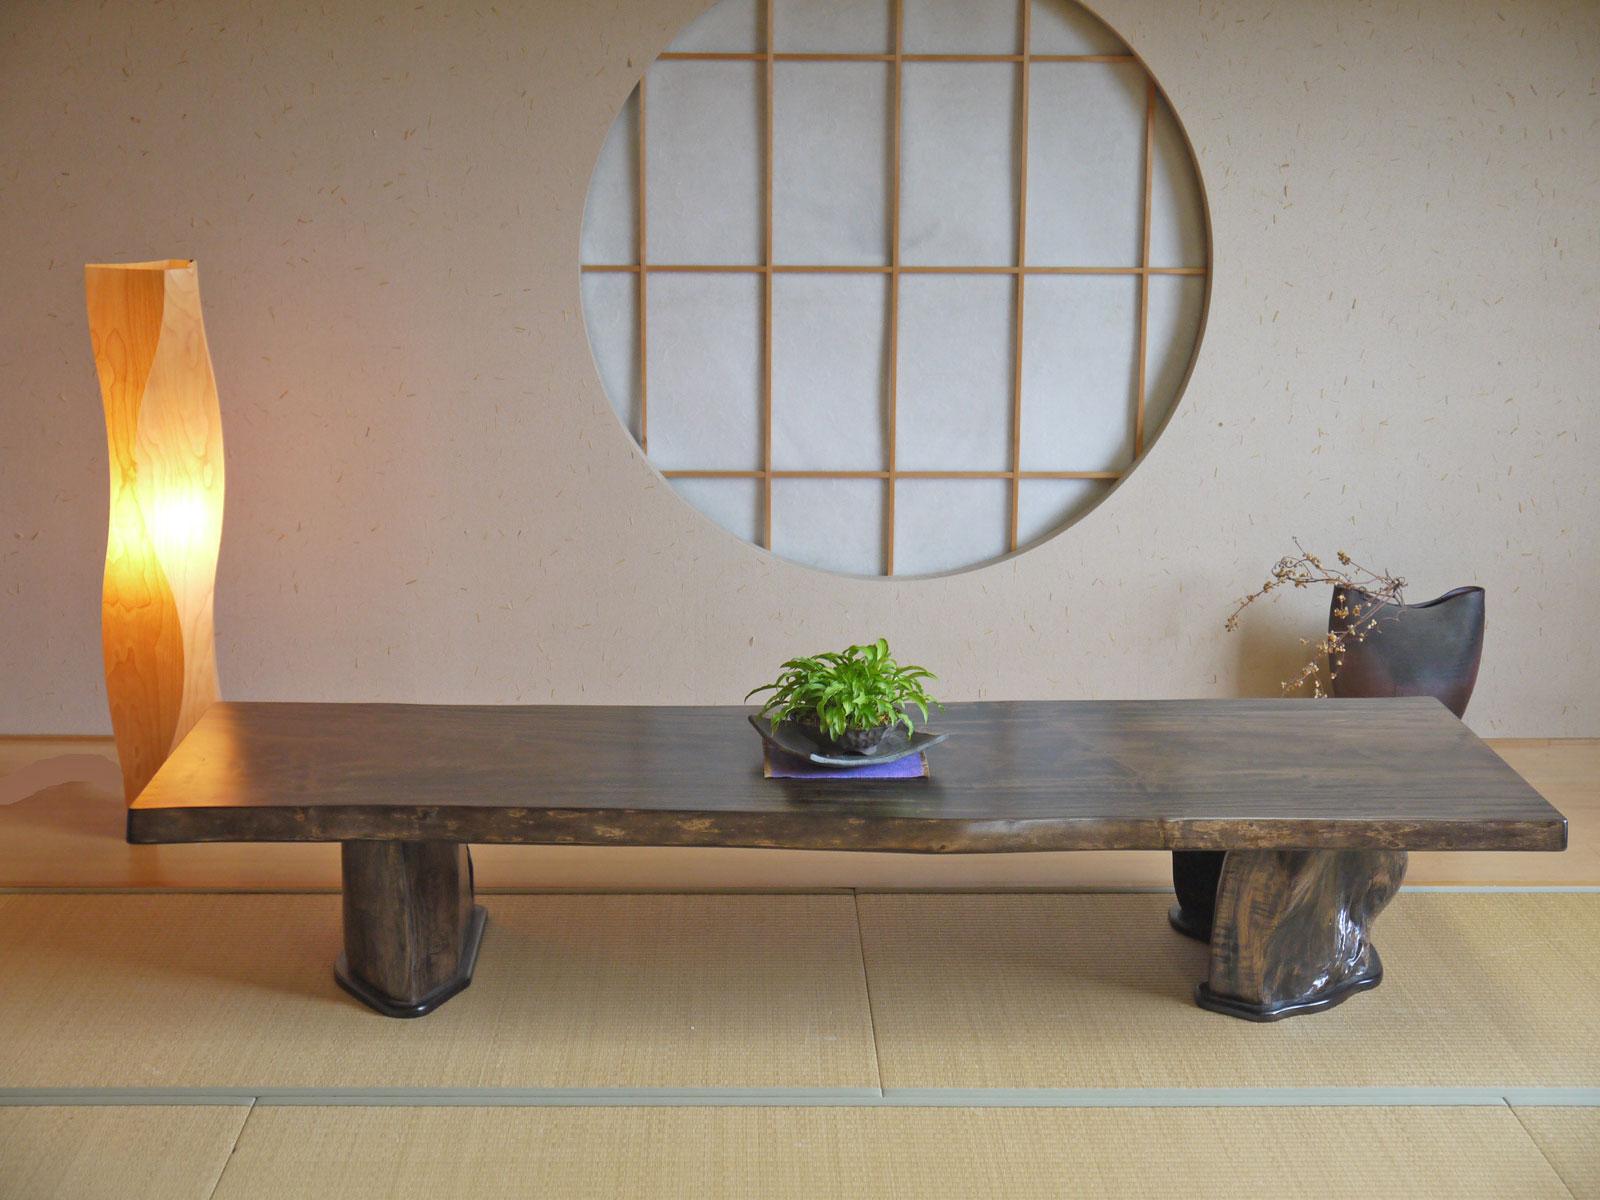 最新の正品 ~ローテーブル~仕様:無垢 / 素材:栃